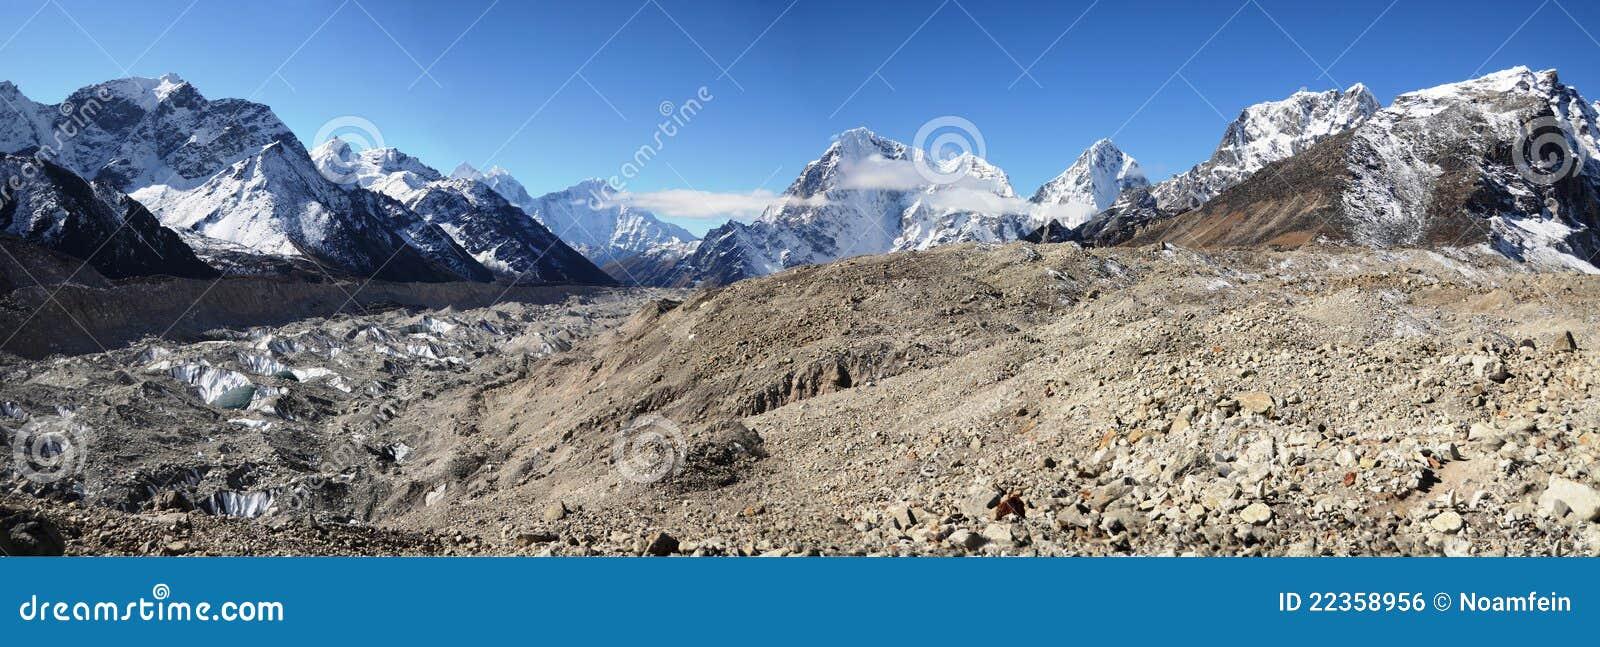 珠穆琅玛全景土坎视图